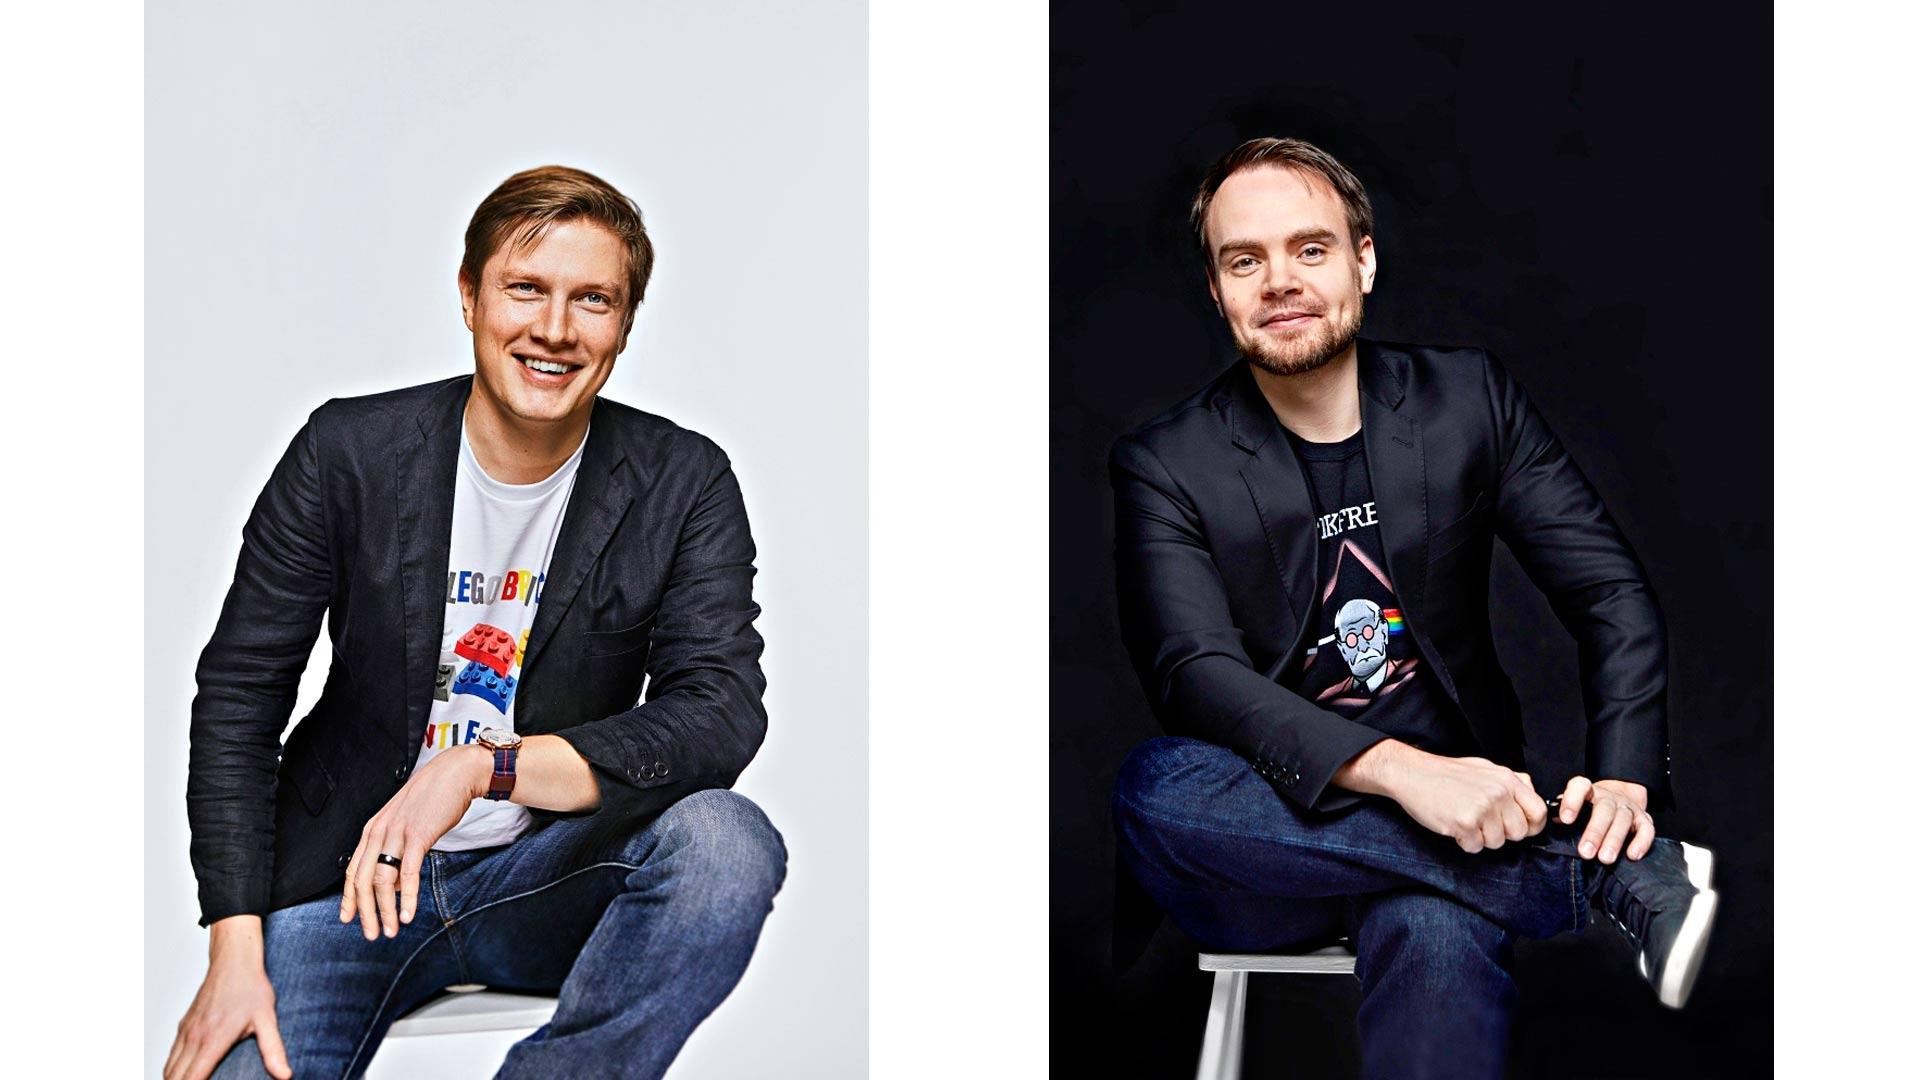 Sami Pajun sekä Tapani Riekin kirjassa Järki töihin esitellään tekniikoita, joiden avulla kiireinen ihminen pystyy järjestämään työrutiinejaan helpommin hallittavaan muotoon.